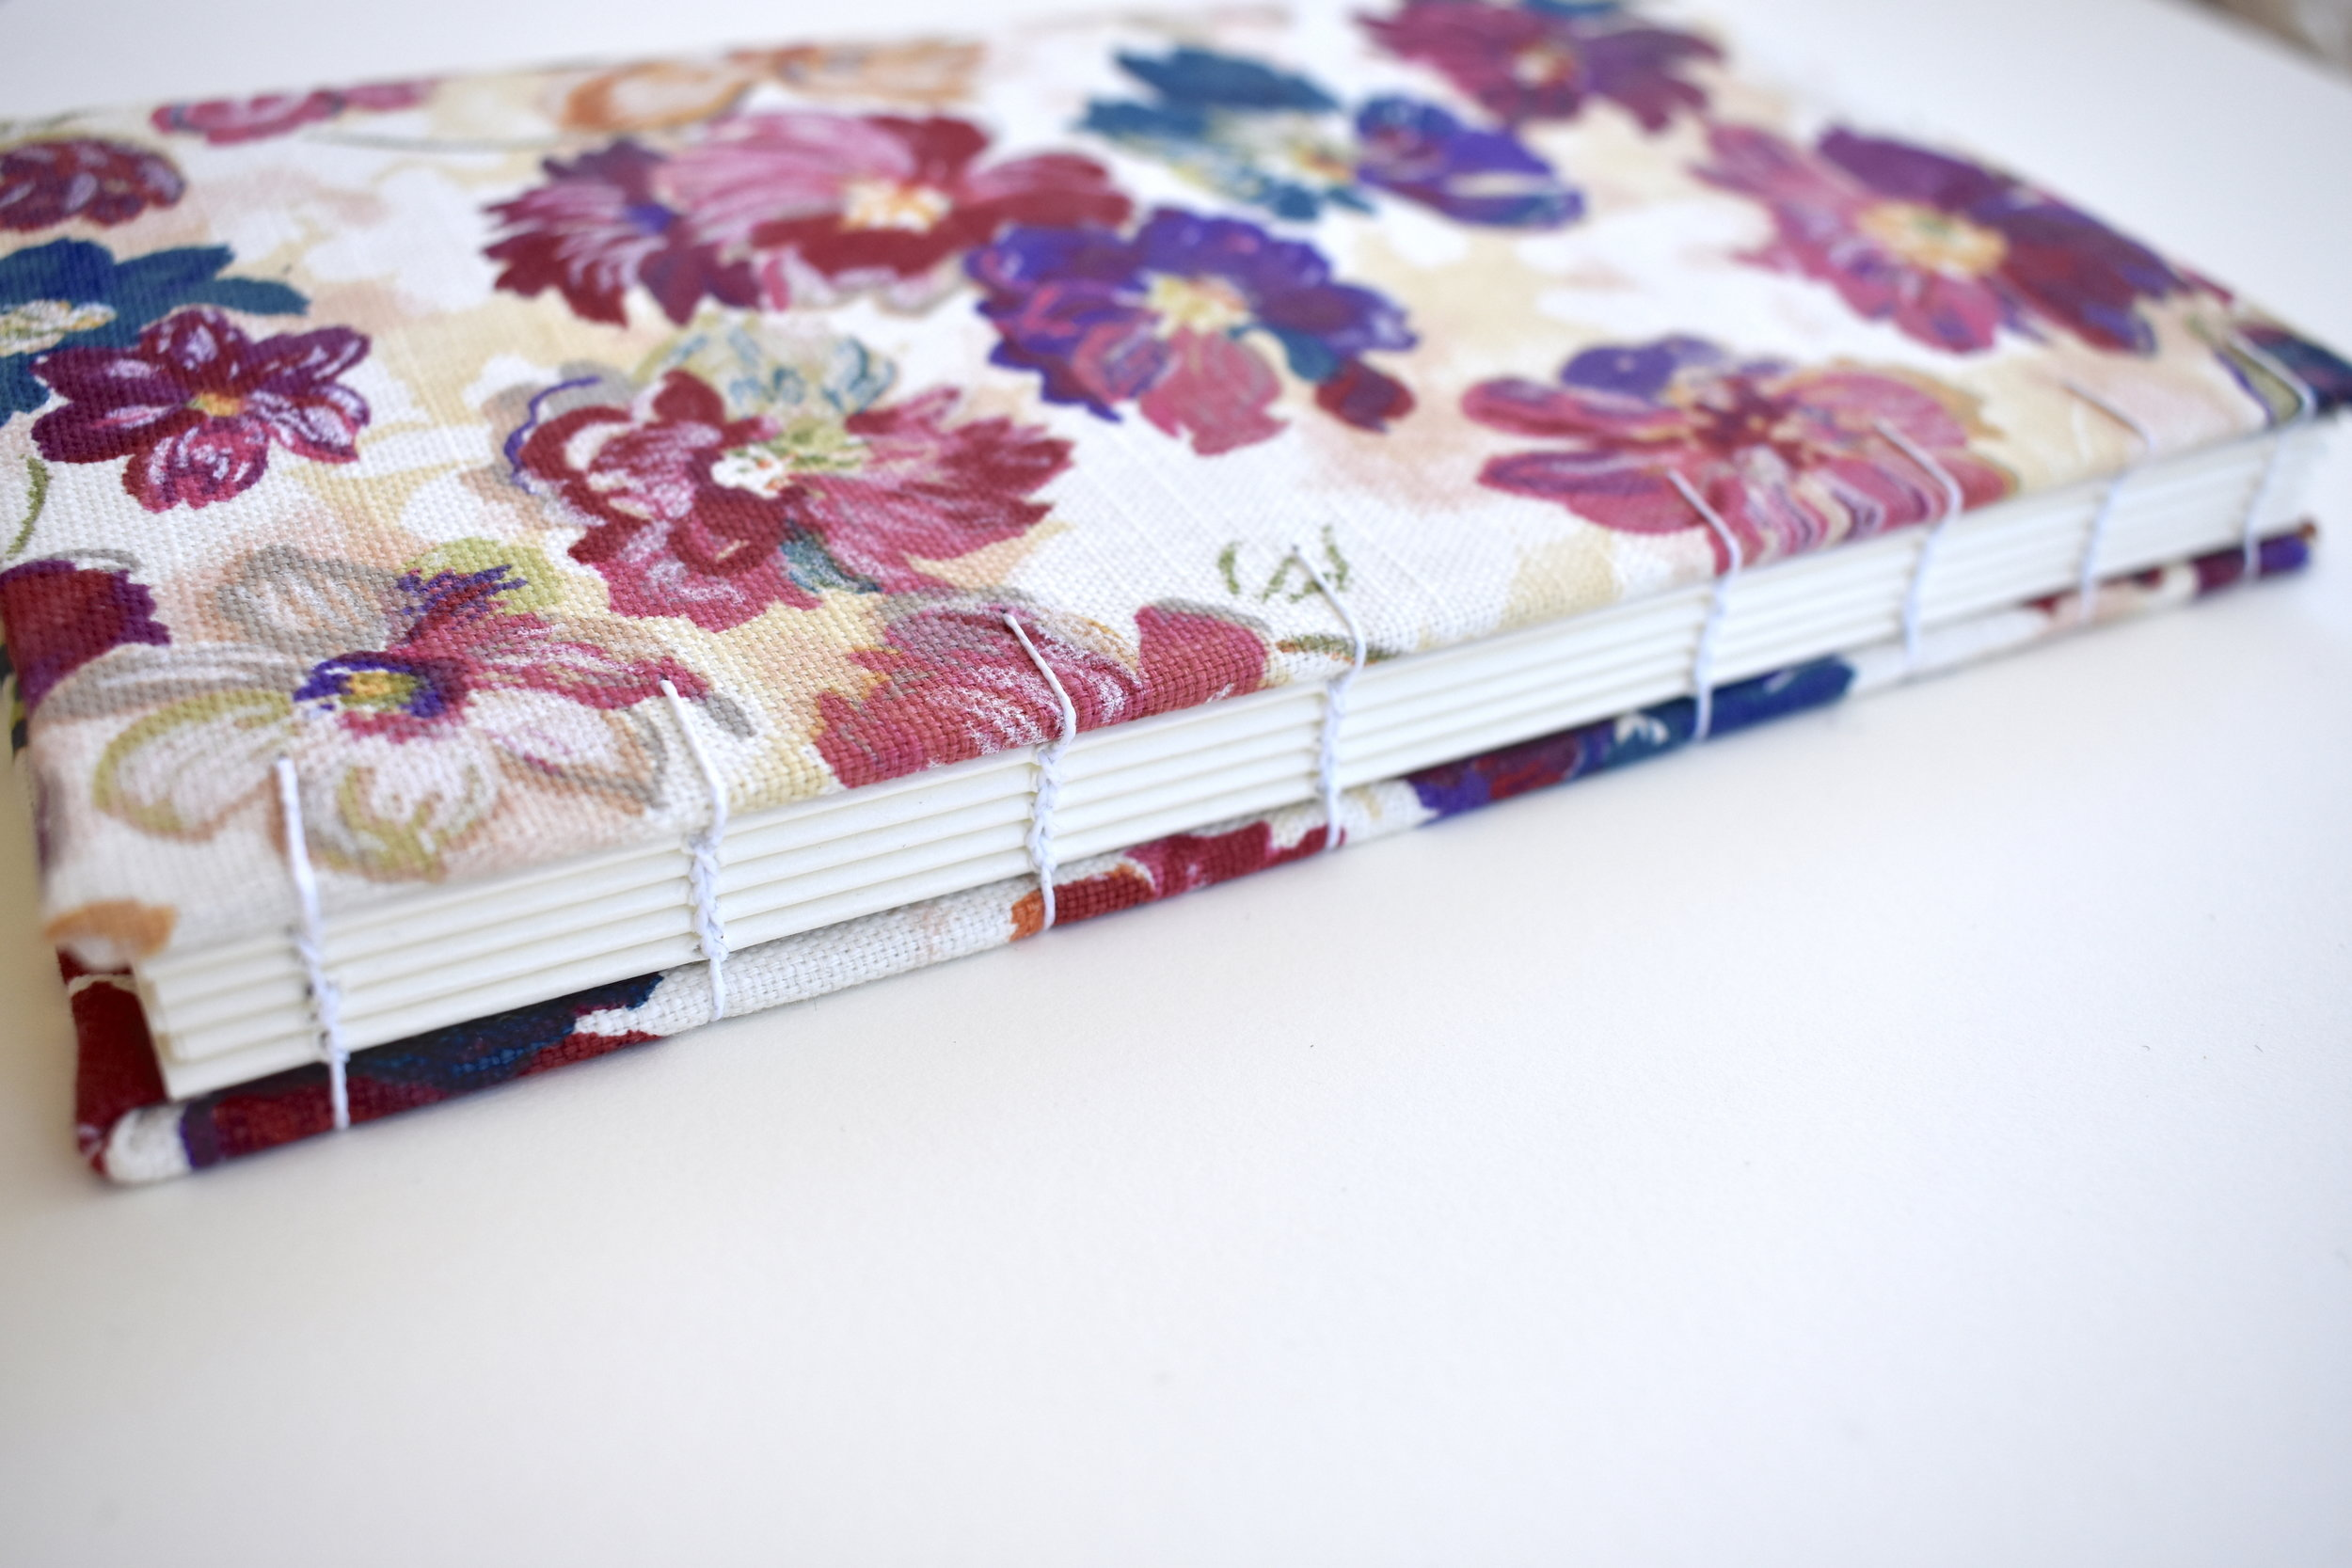 Rainbow cloth floral book, 2019